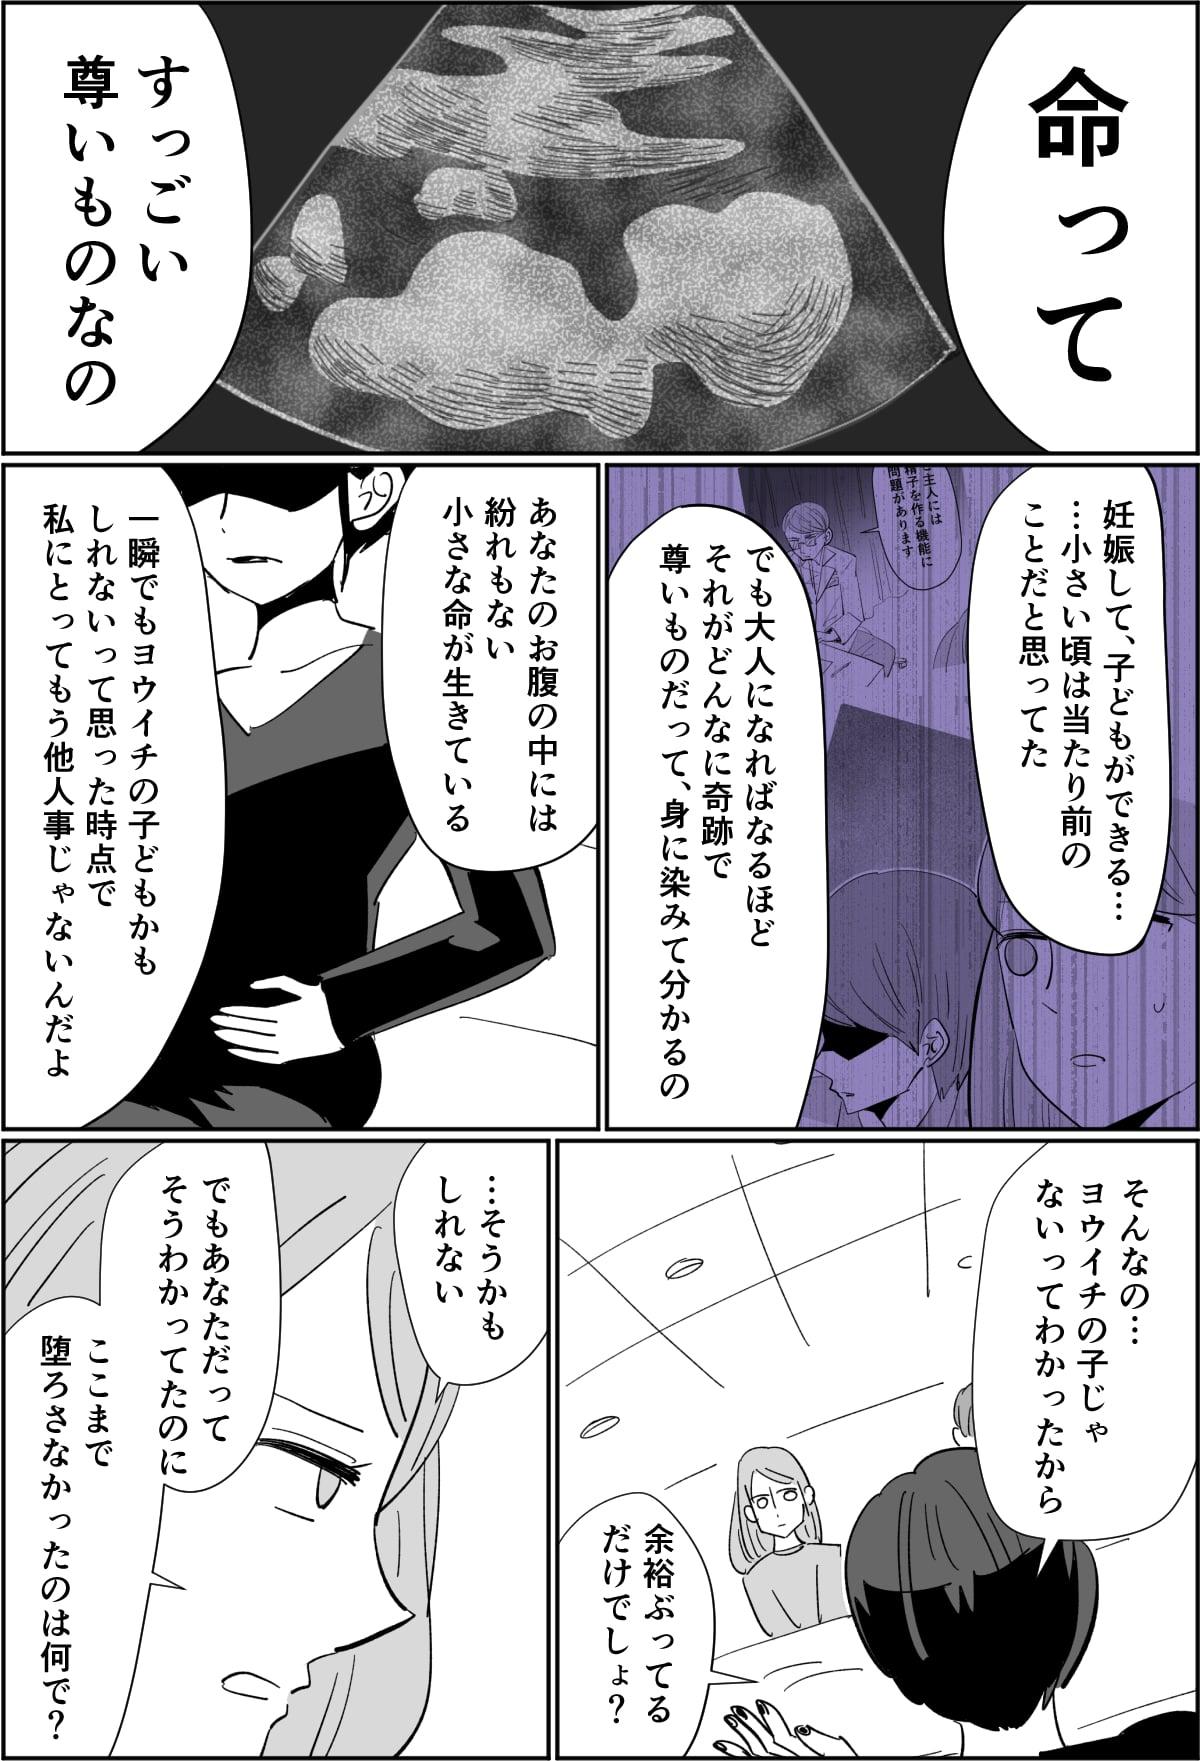 【第9話】夫が浮気相手を妊娠させた!?男性不妊のはずなのに…。